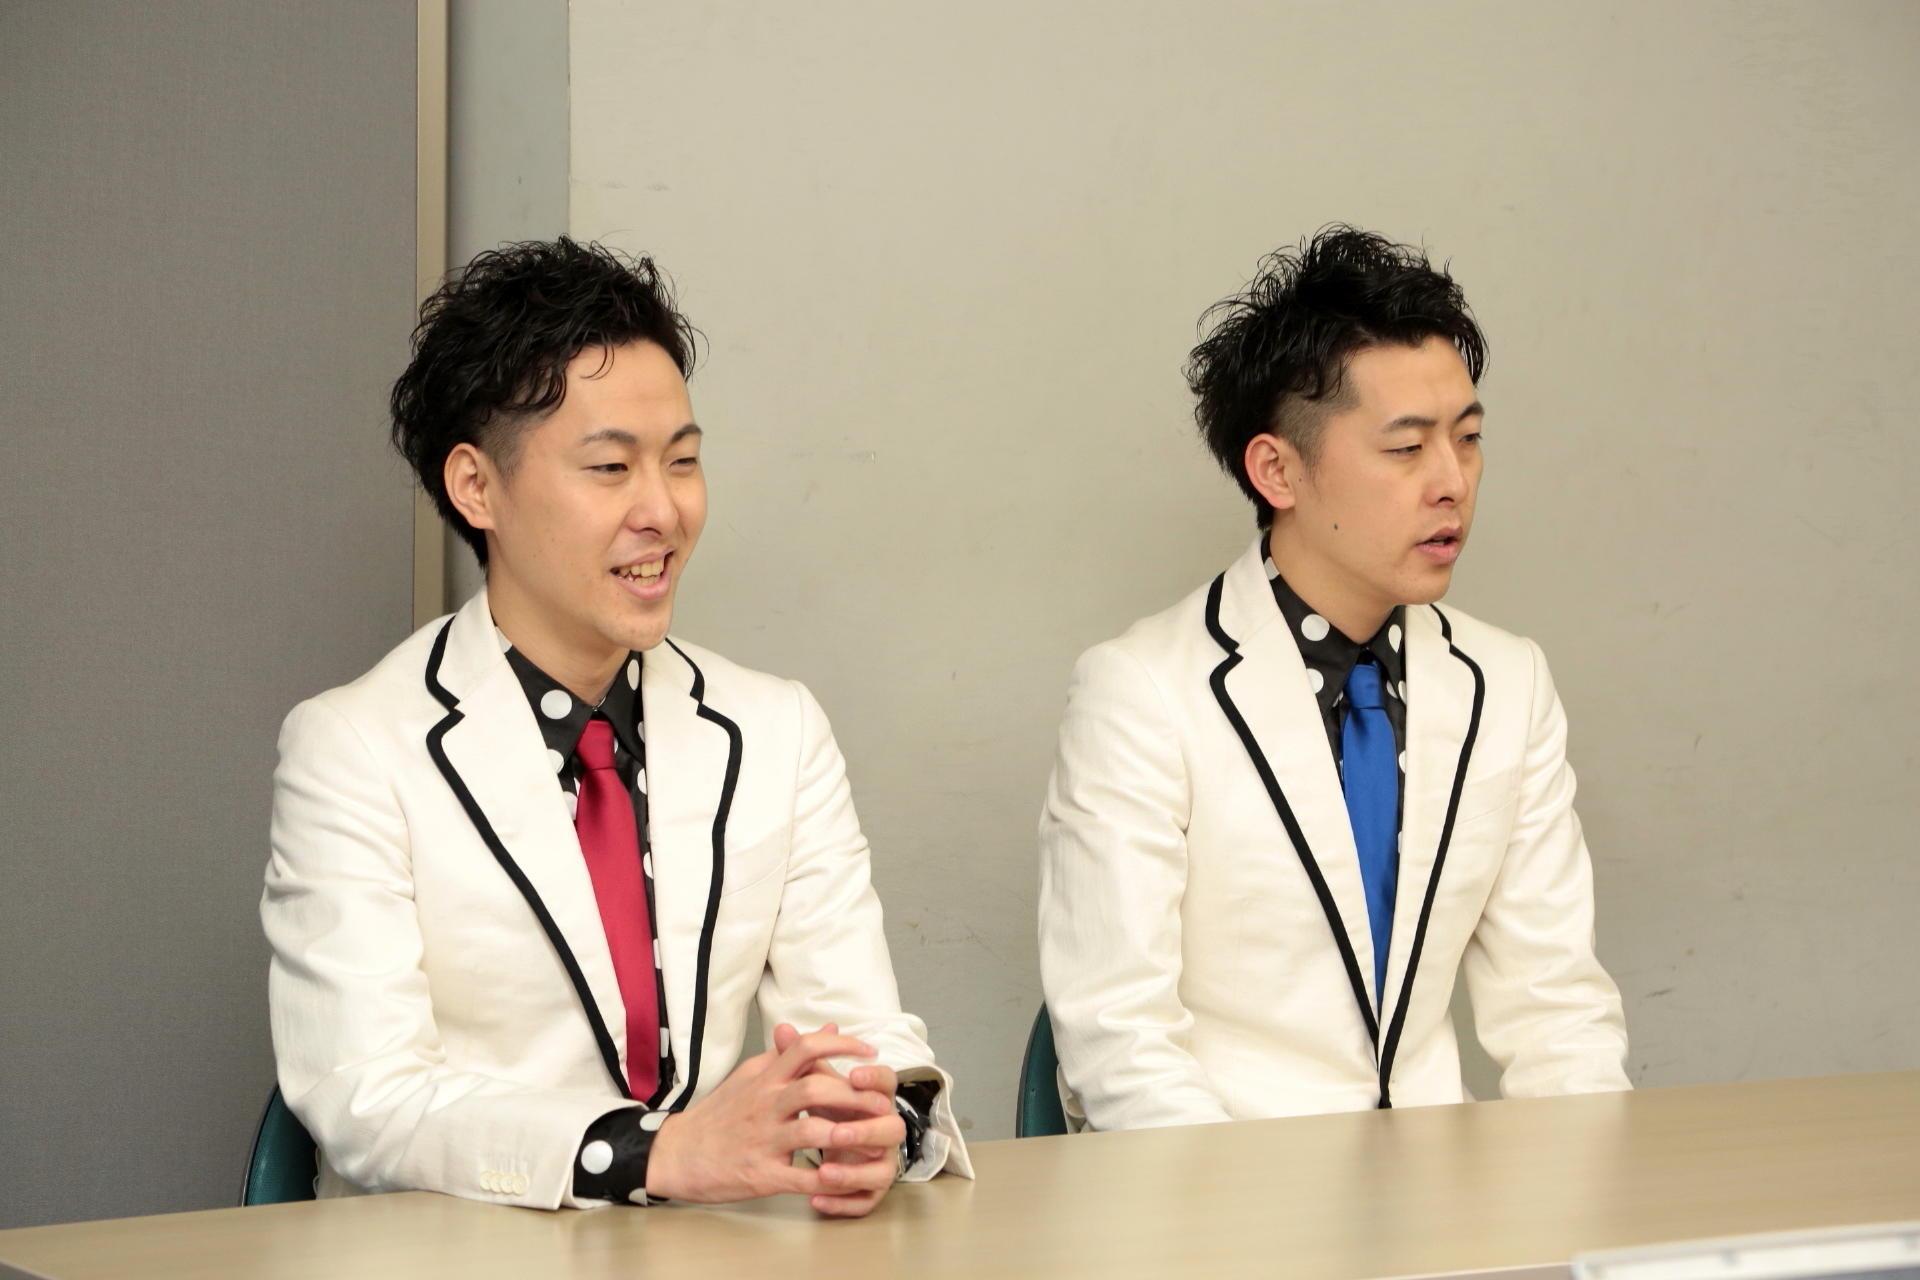 http://news.yoshimoto.co.jp/20170226202424-18a91bae42c031f73861b14ec3dceba9964b518b.jpg